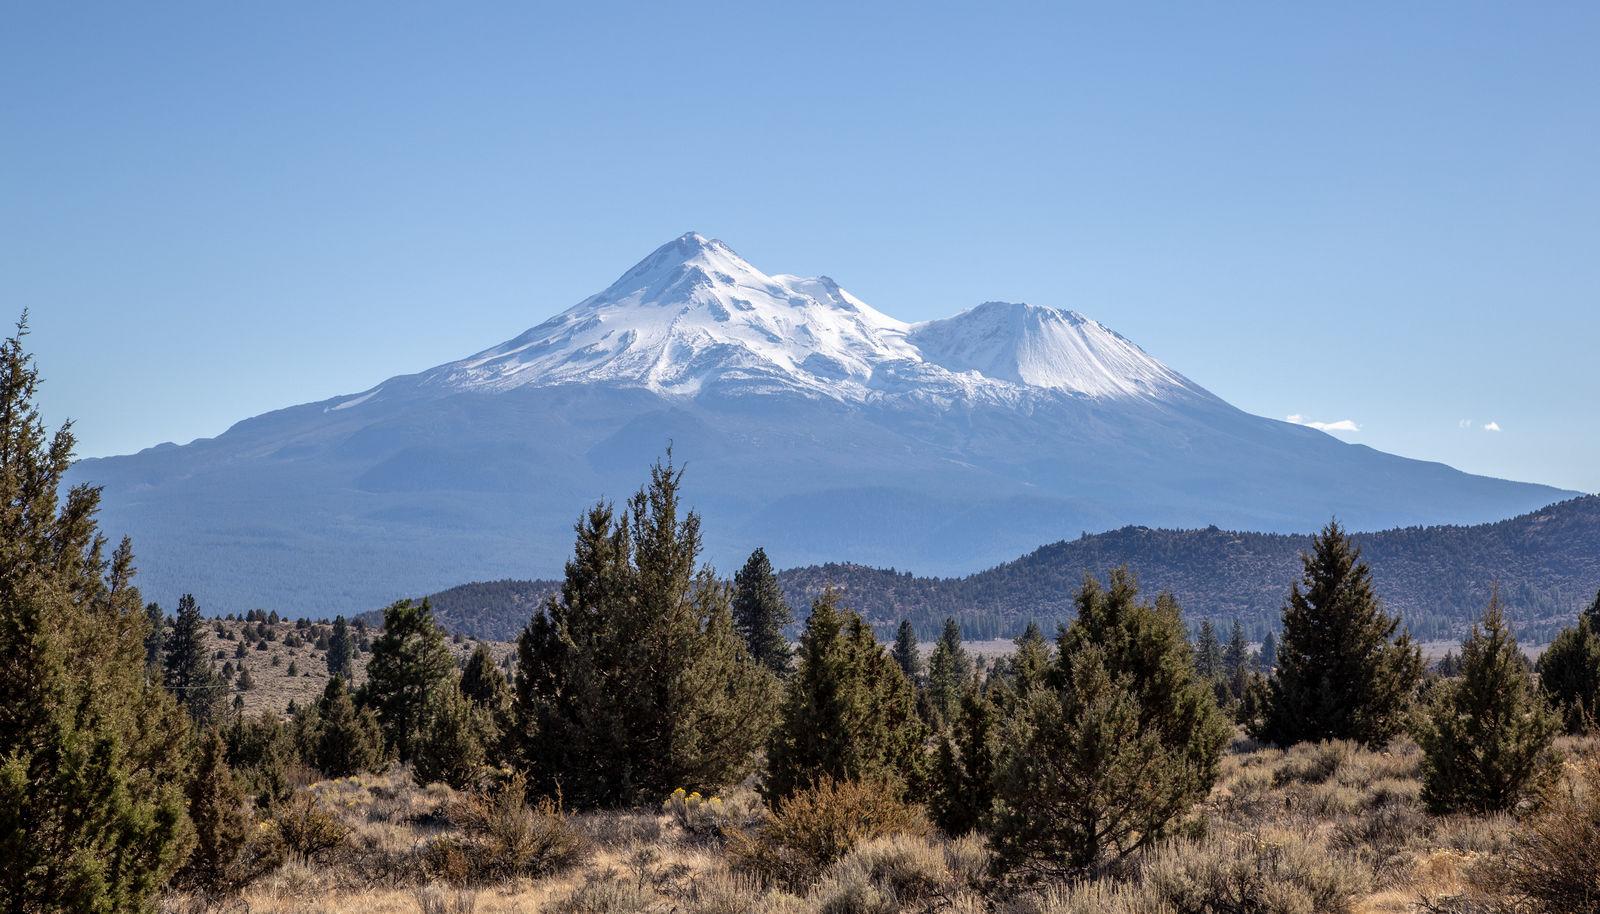 El no planificado pero impresionante Mount Shasta